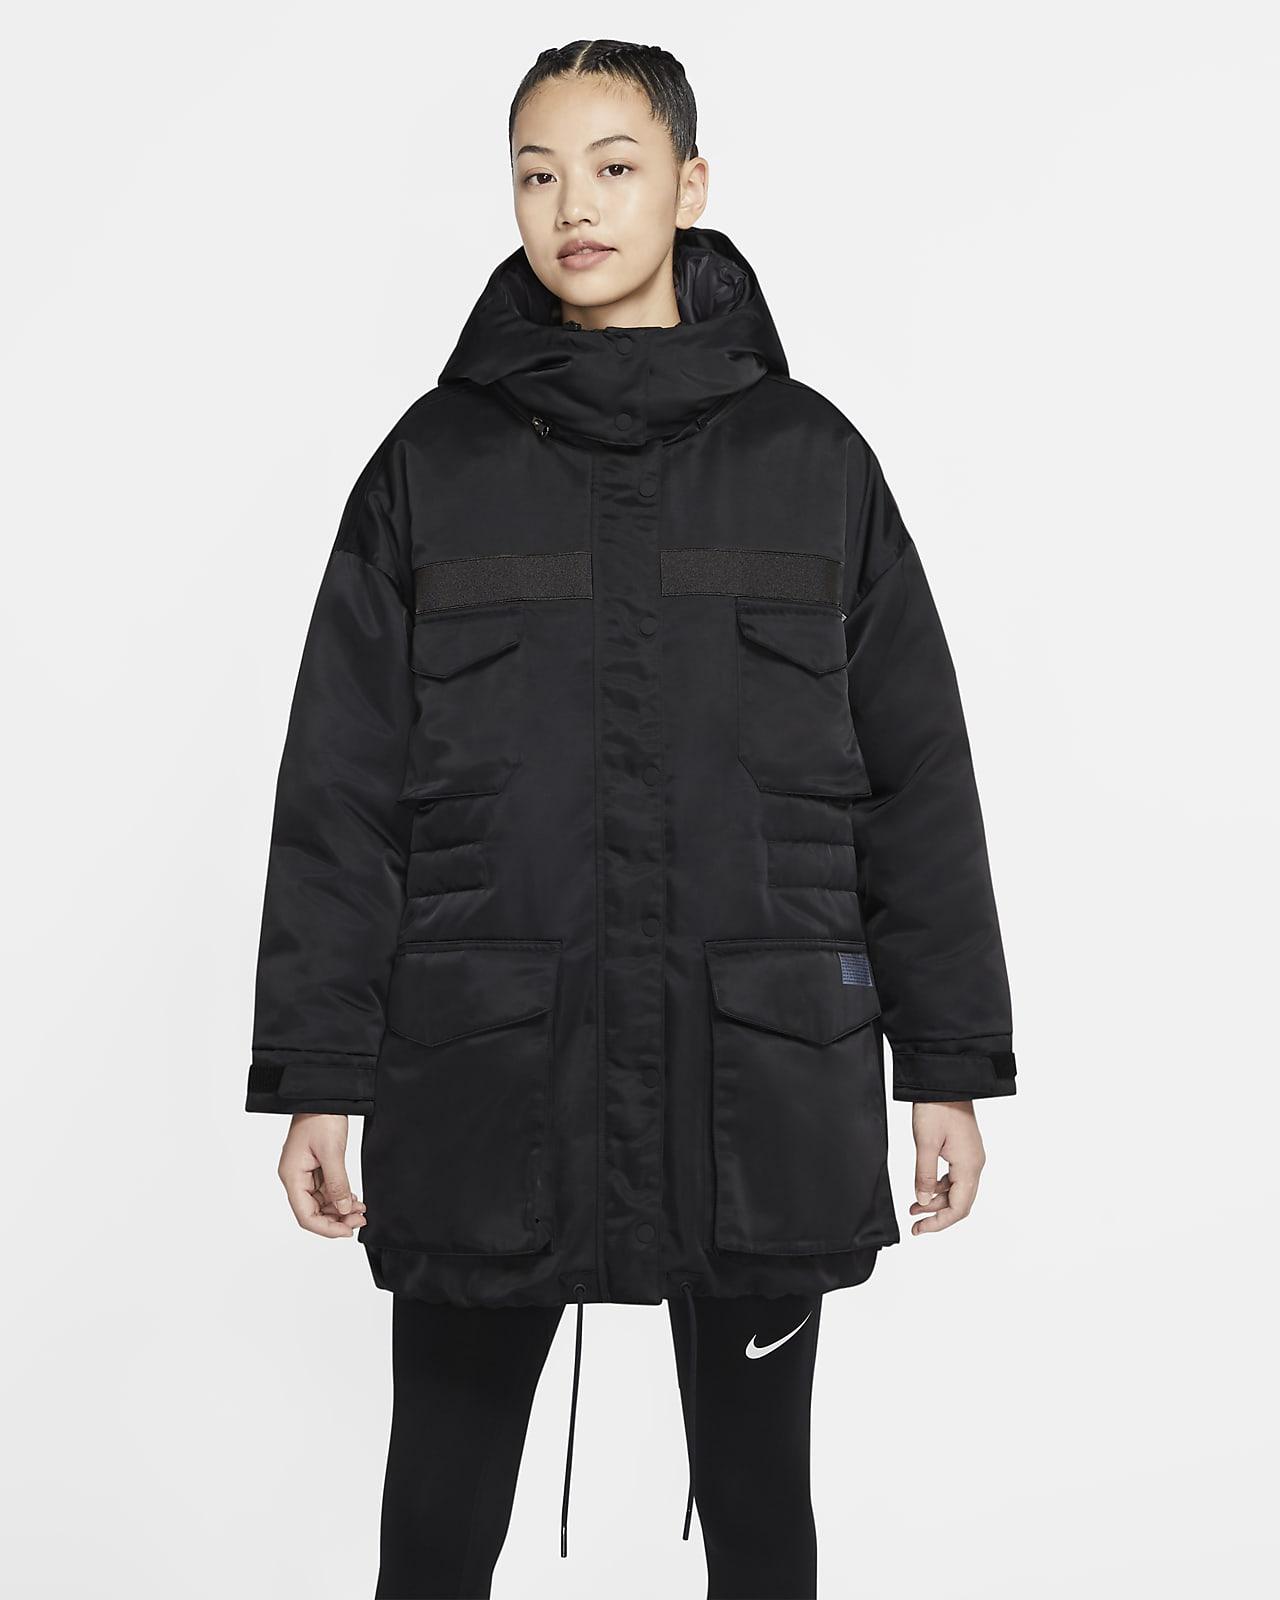 Nike Sportswear Down-Fill City Ready Women's Down Parka